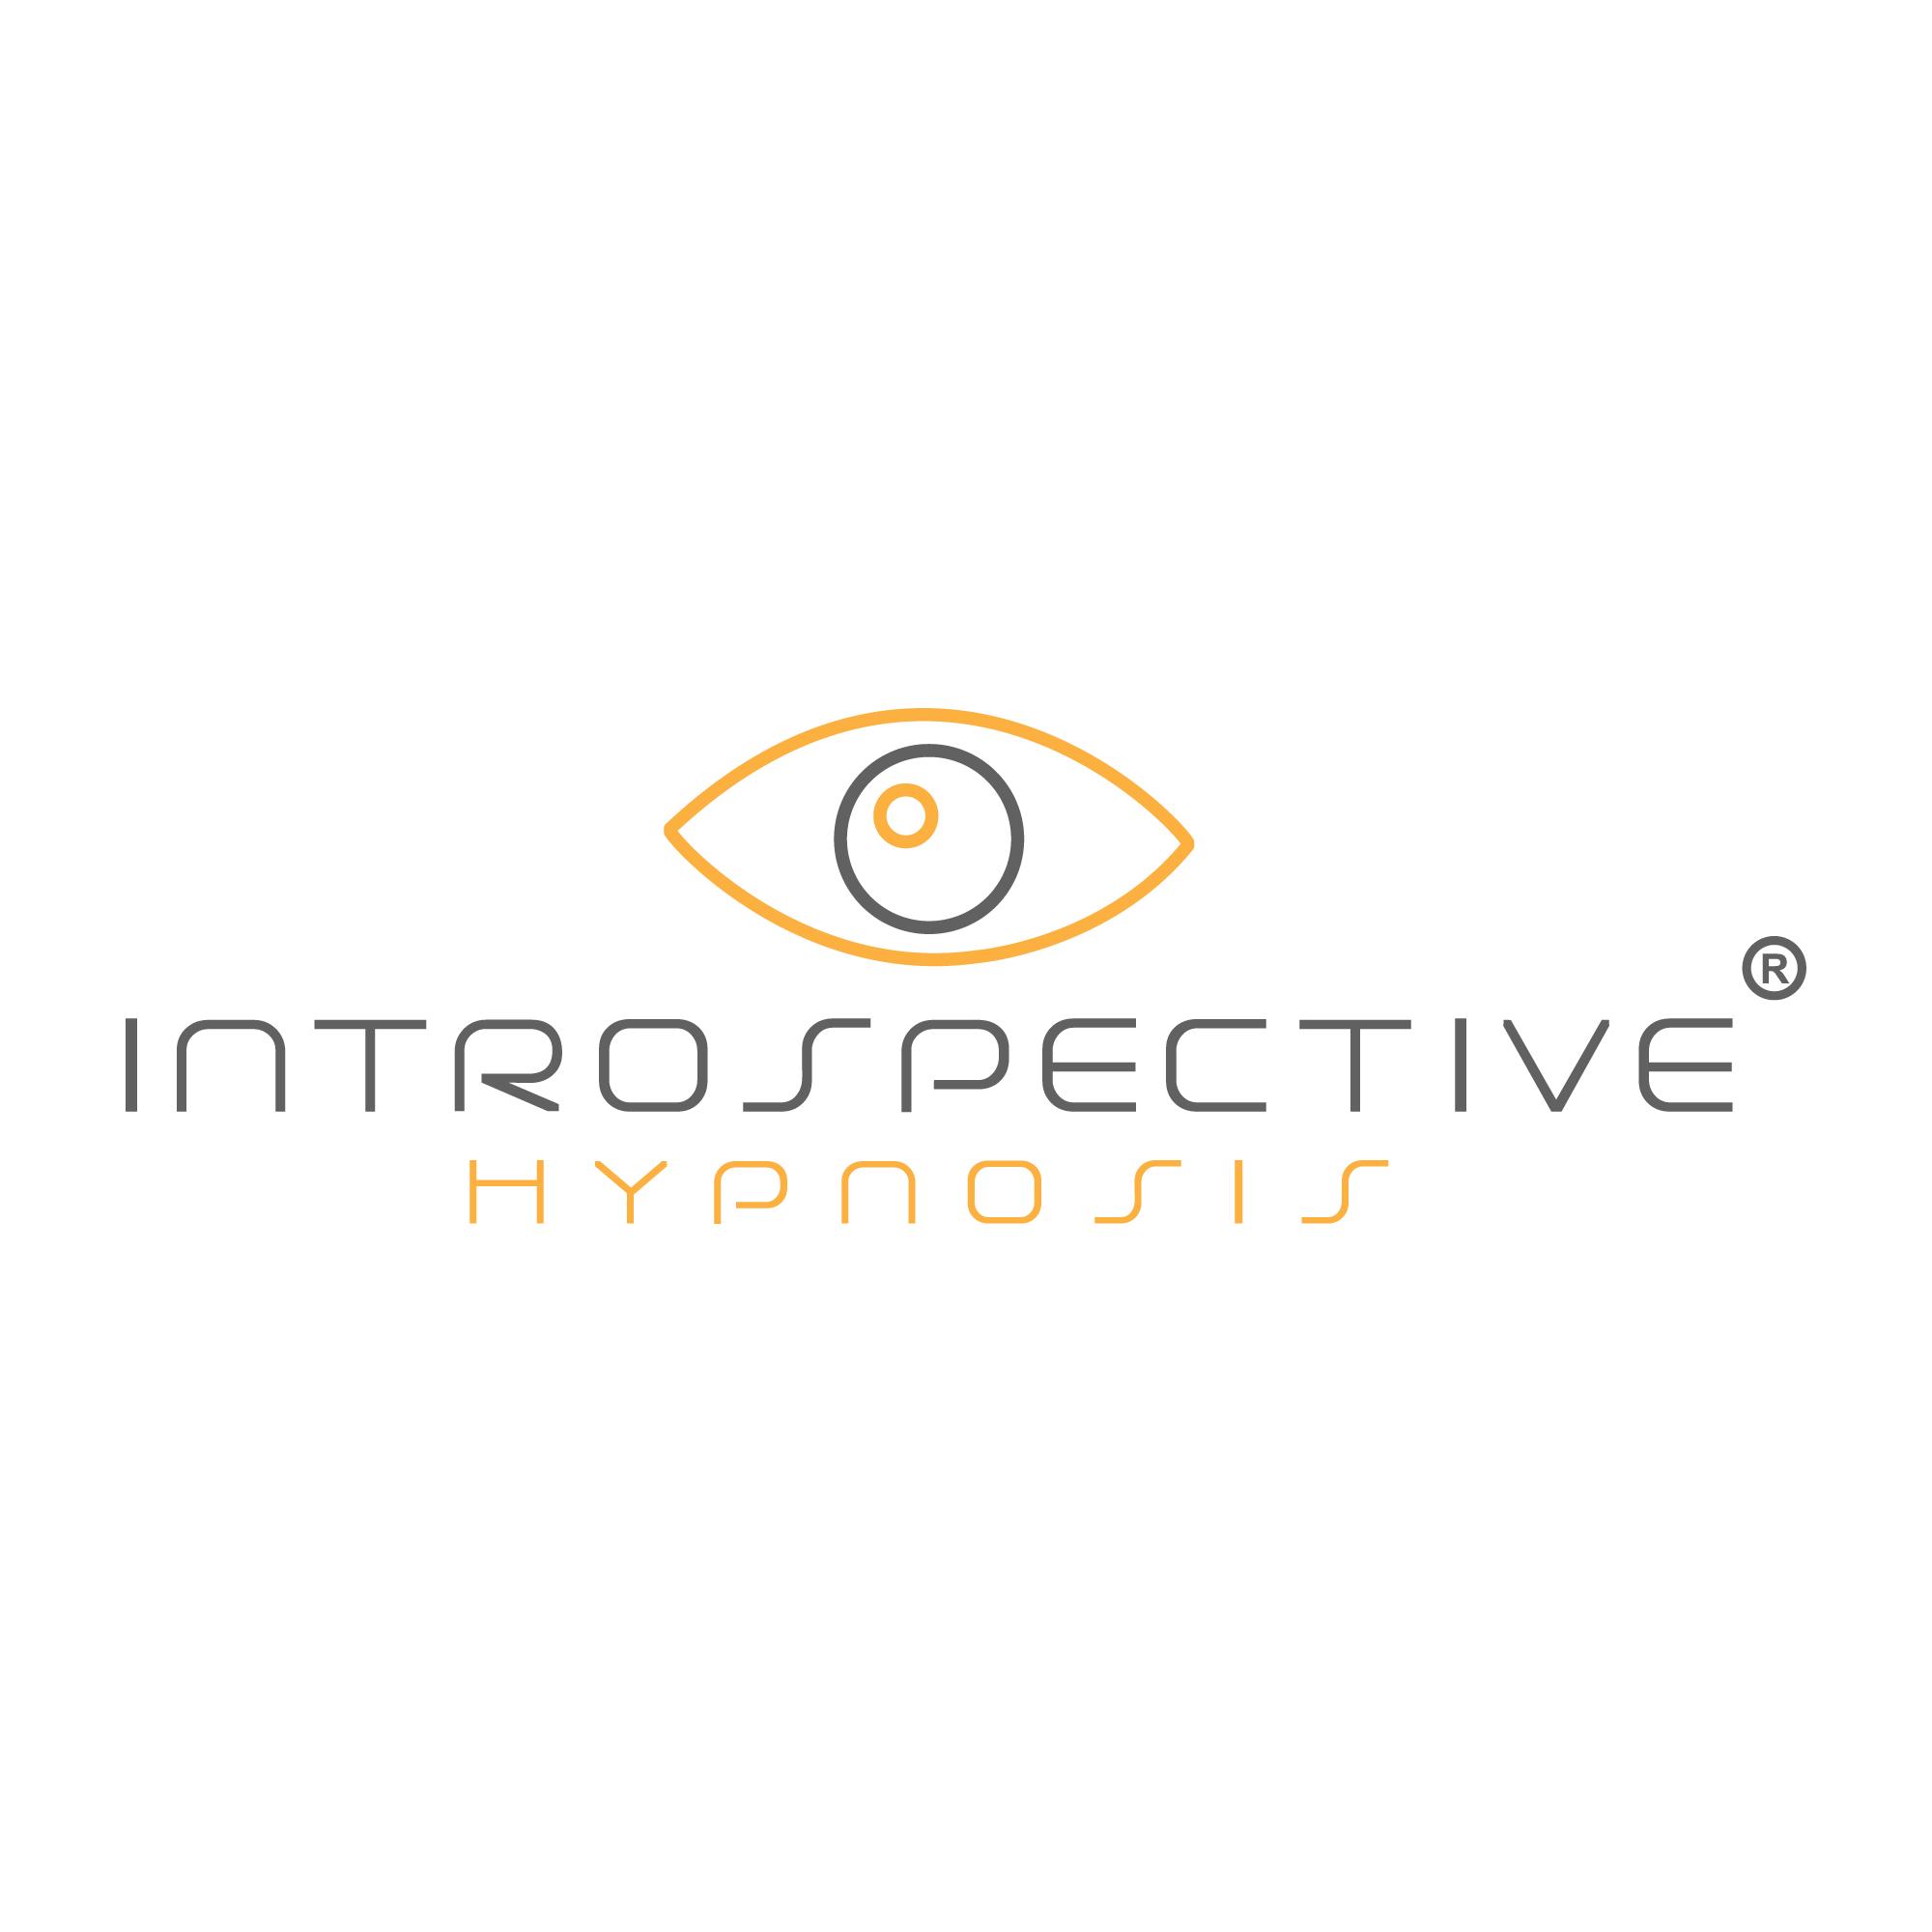 Introspective Hypnosis Logo